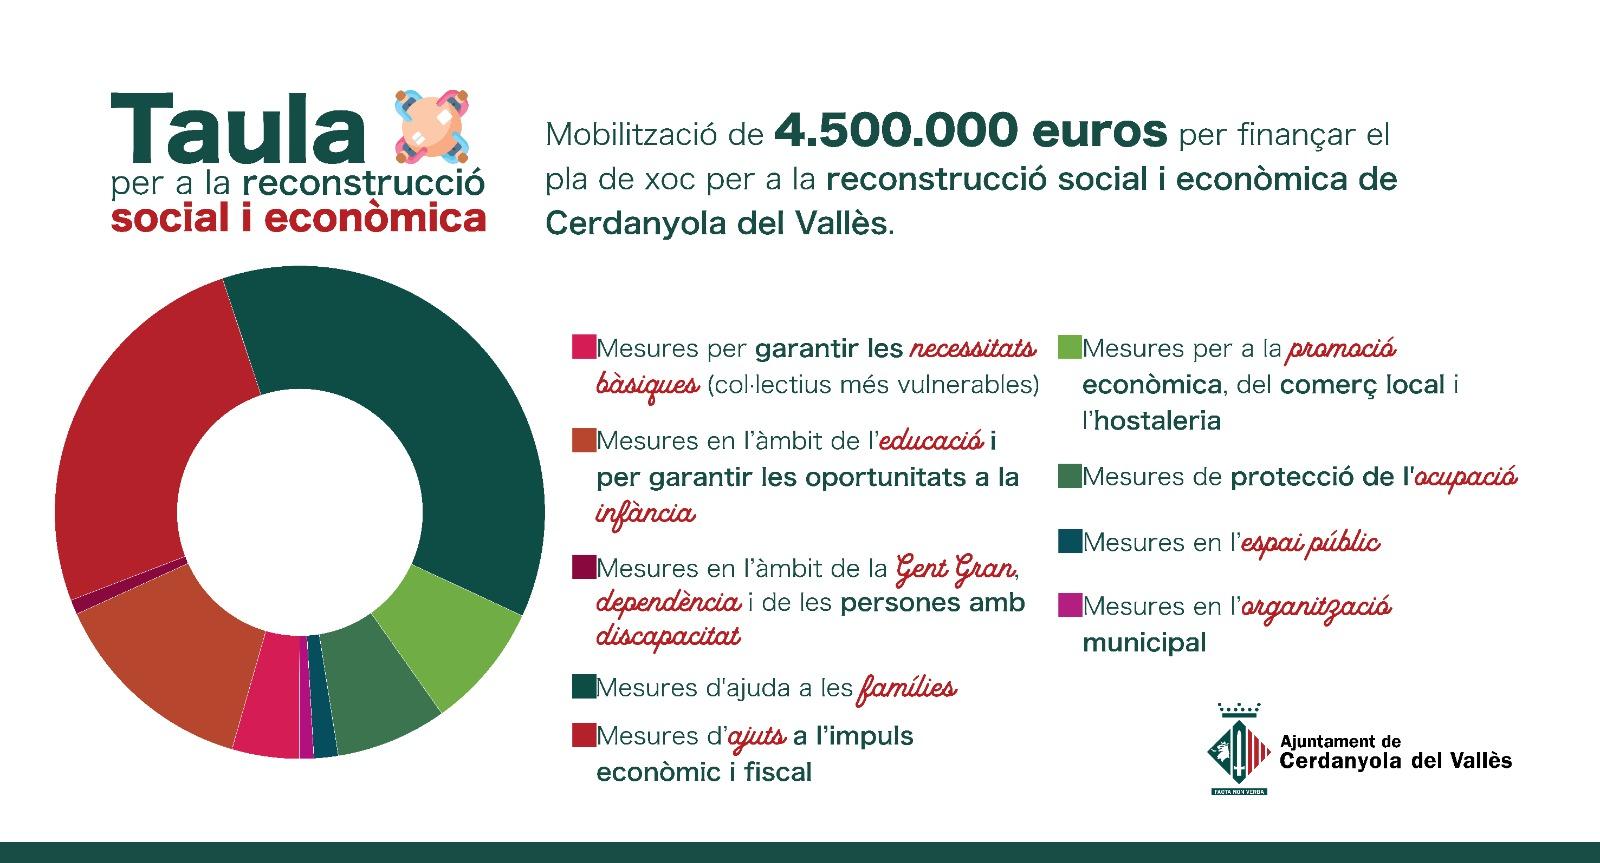 Infografia amb el repartiment dels 4,5M euros entre les diferents mesures